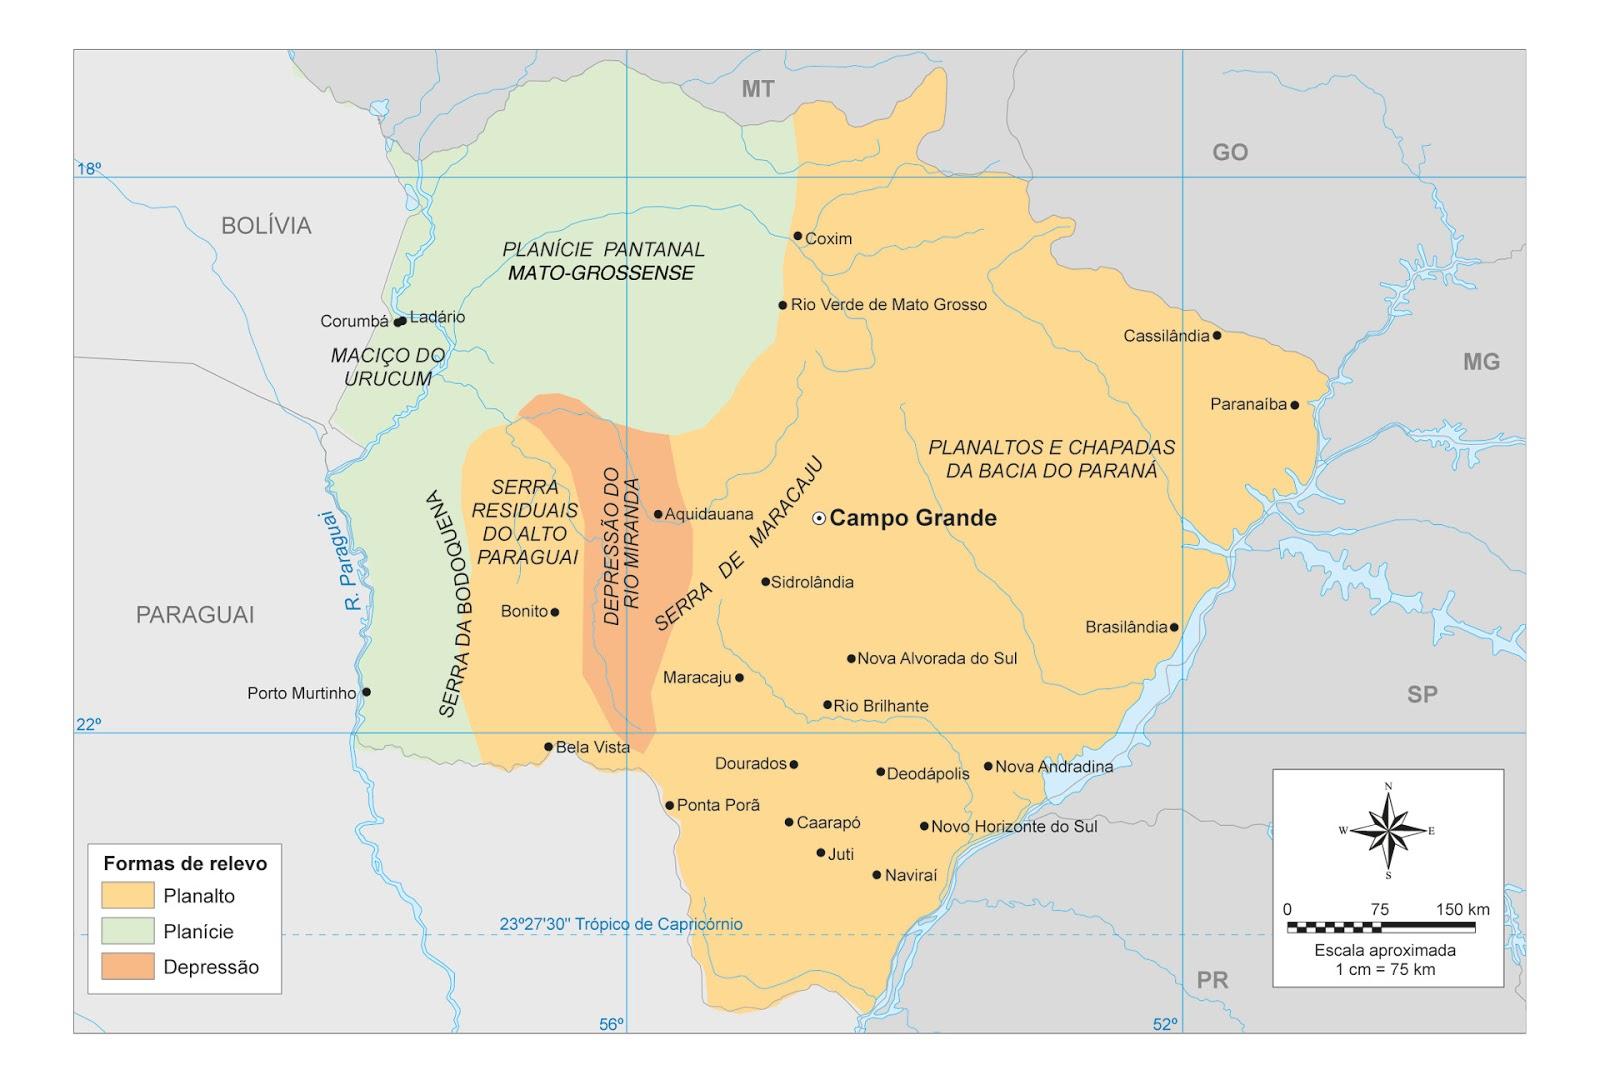 Mapas do Estado do Mato Grosso do Sul